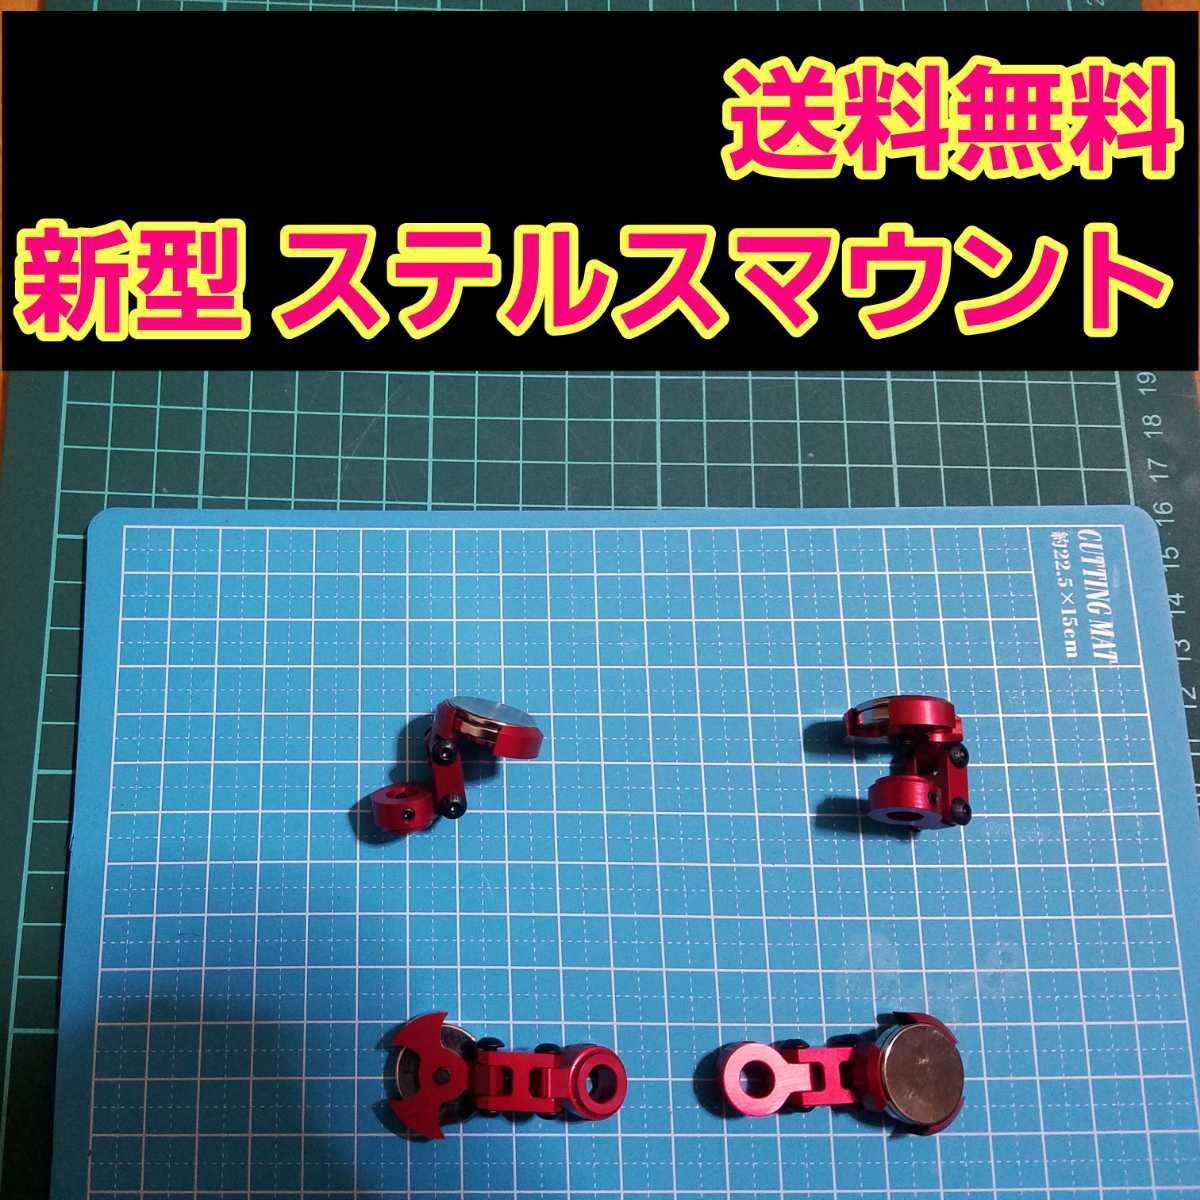 即決《送料無料》 ステルス マウント レッド    ラジコン ラジコン ヨコモ ドリパケ タミヤ TT01 YD-2 YD-4 TT02 サクラ D3